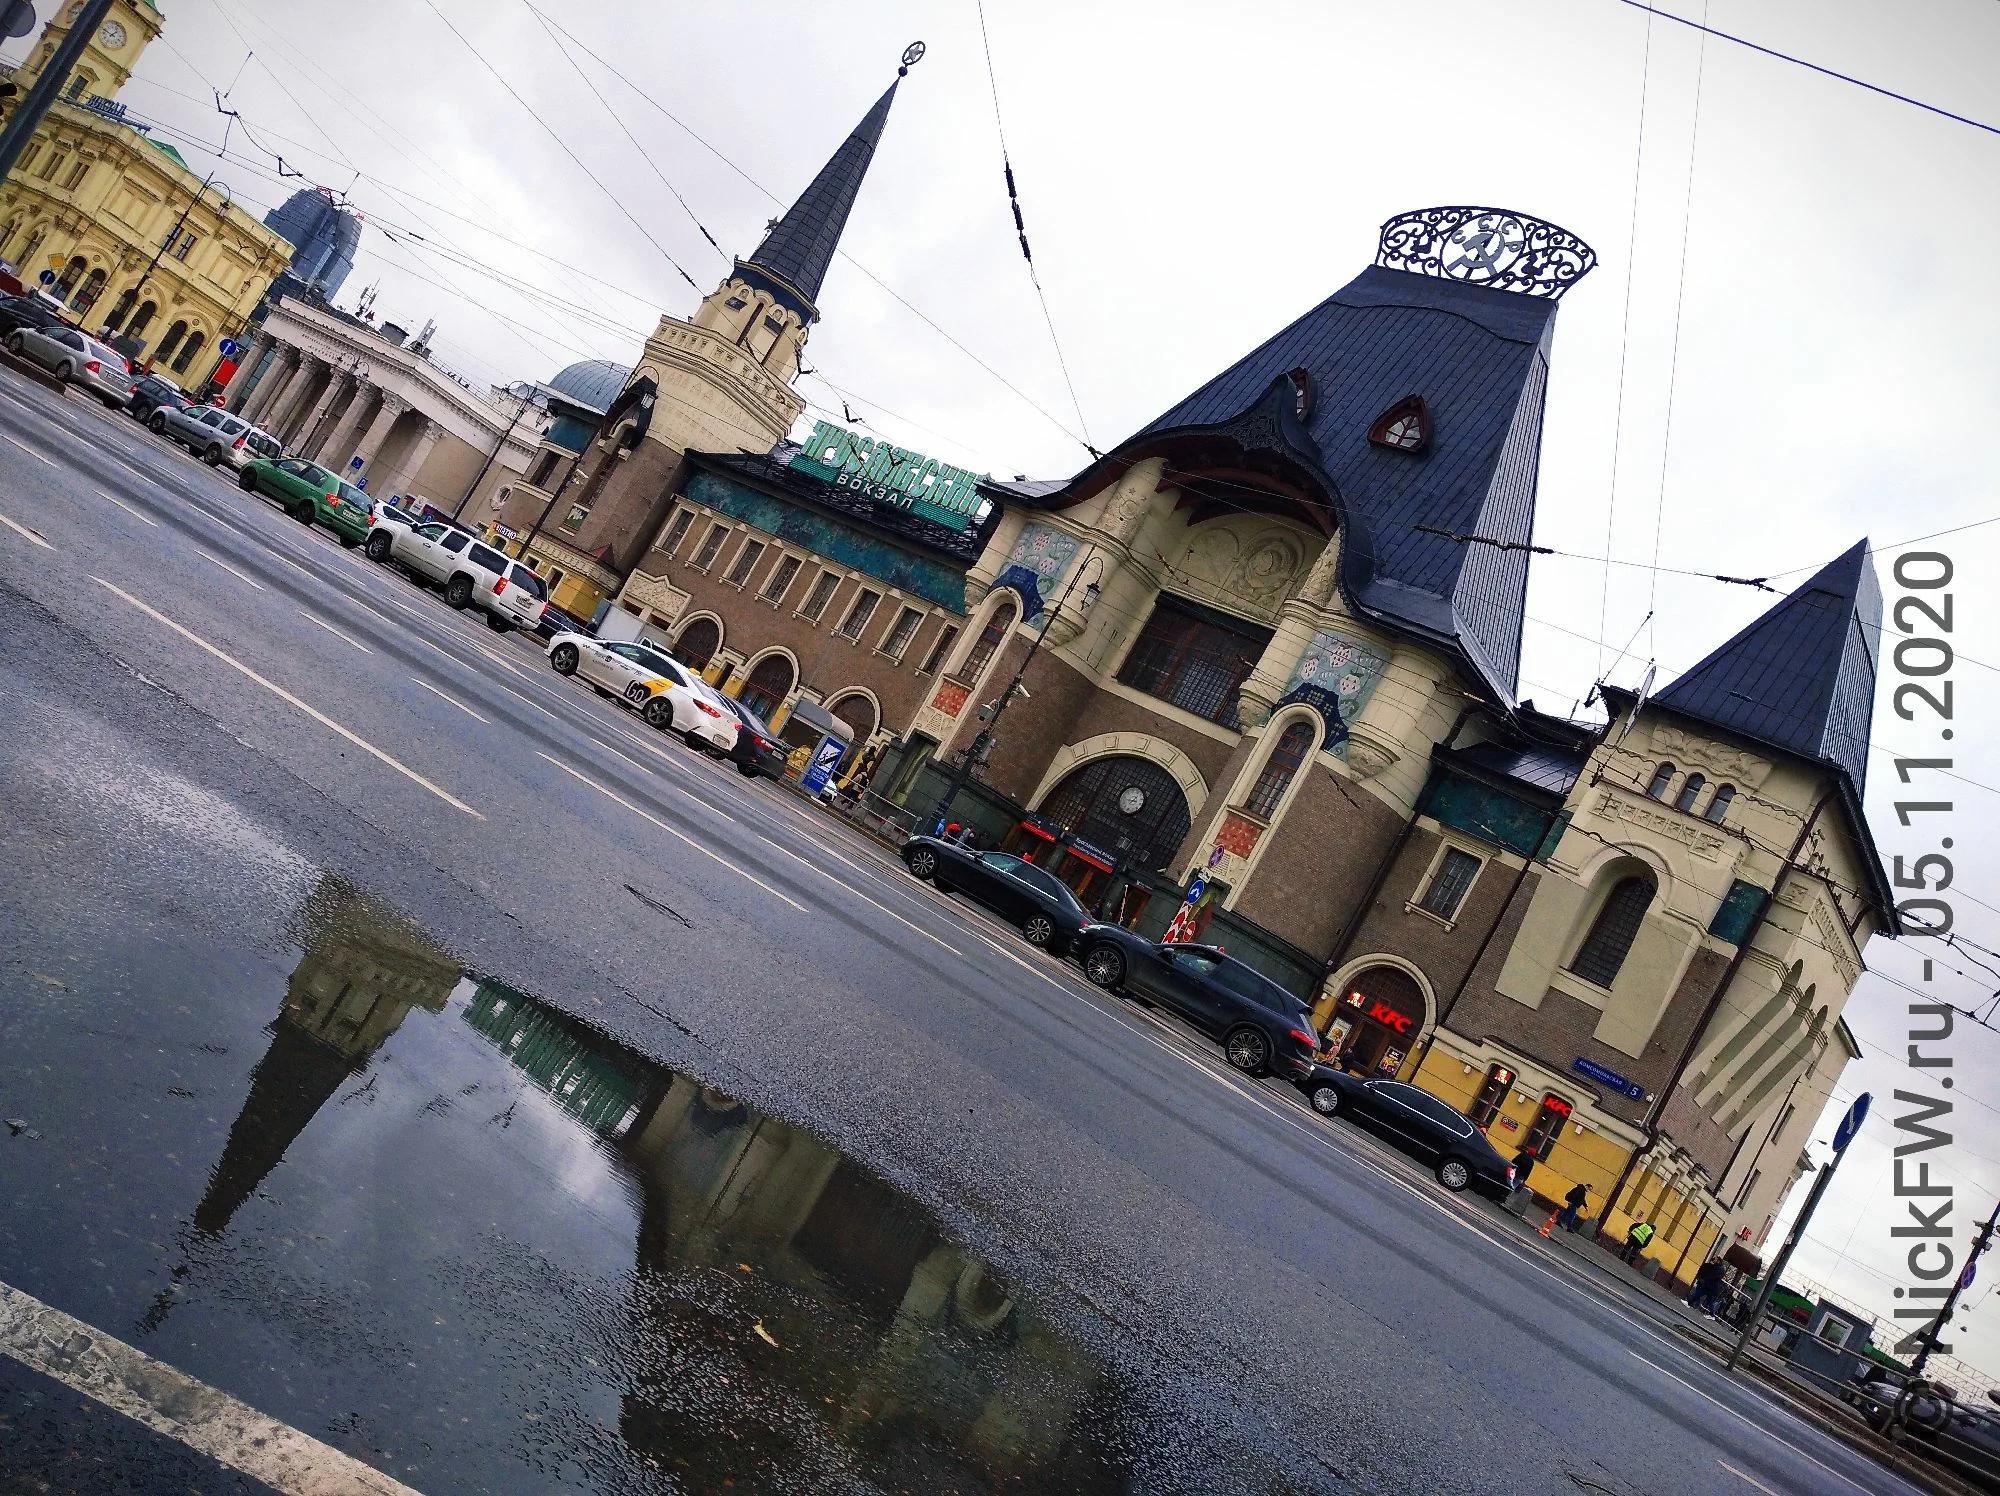 Ярославский Вокзал © «Фото.дзен - NickFW.ru»